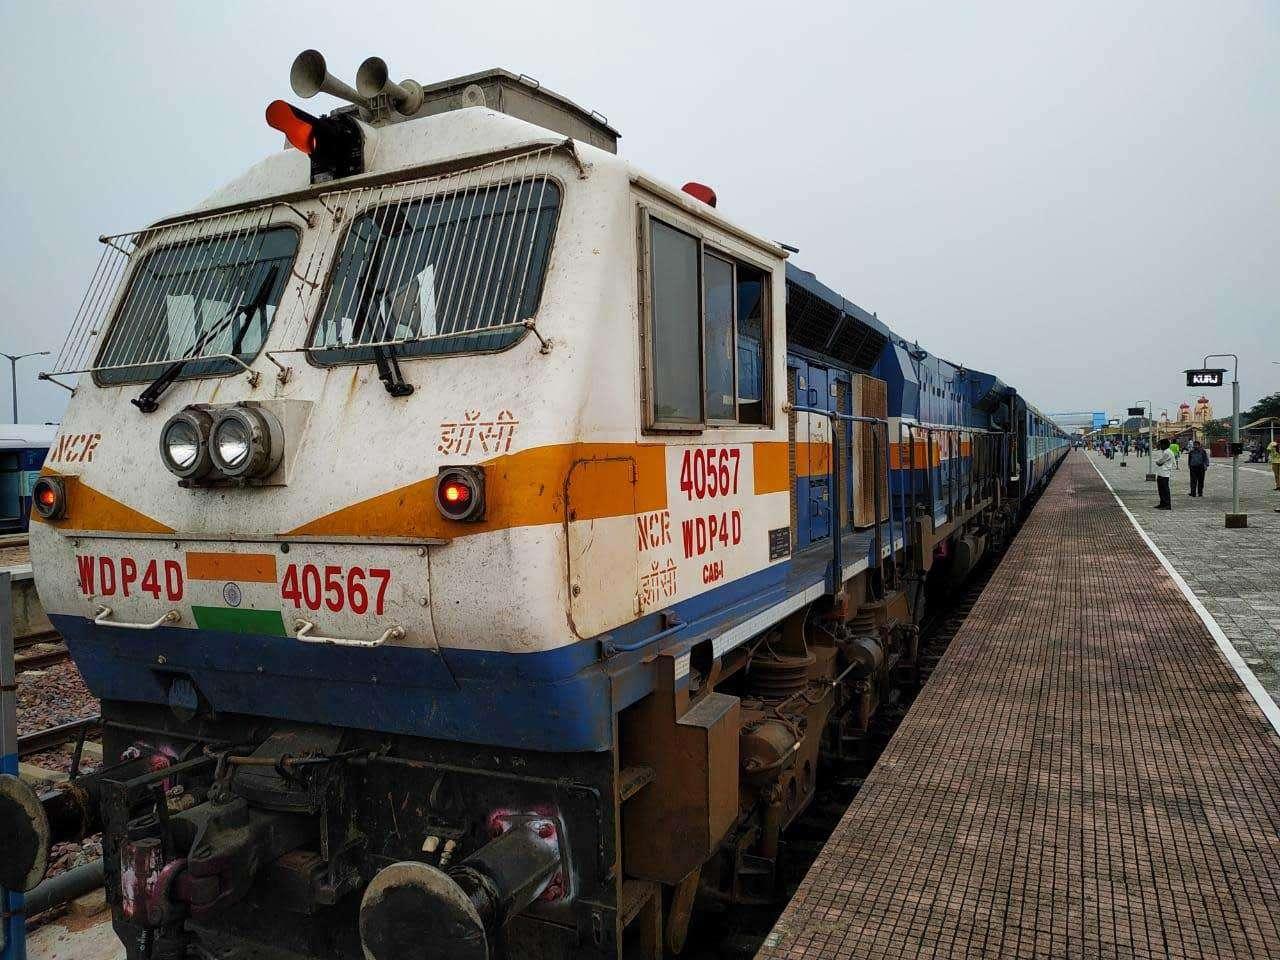 khajuraho to delhi train started